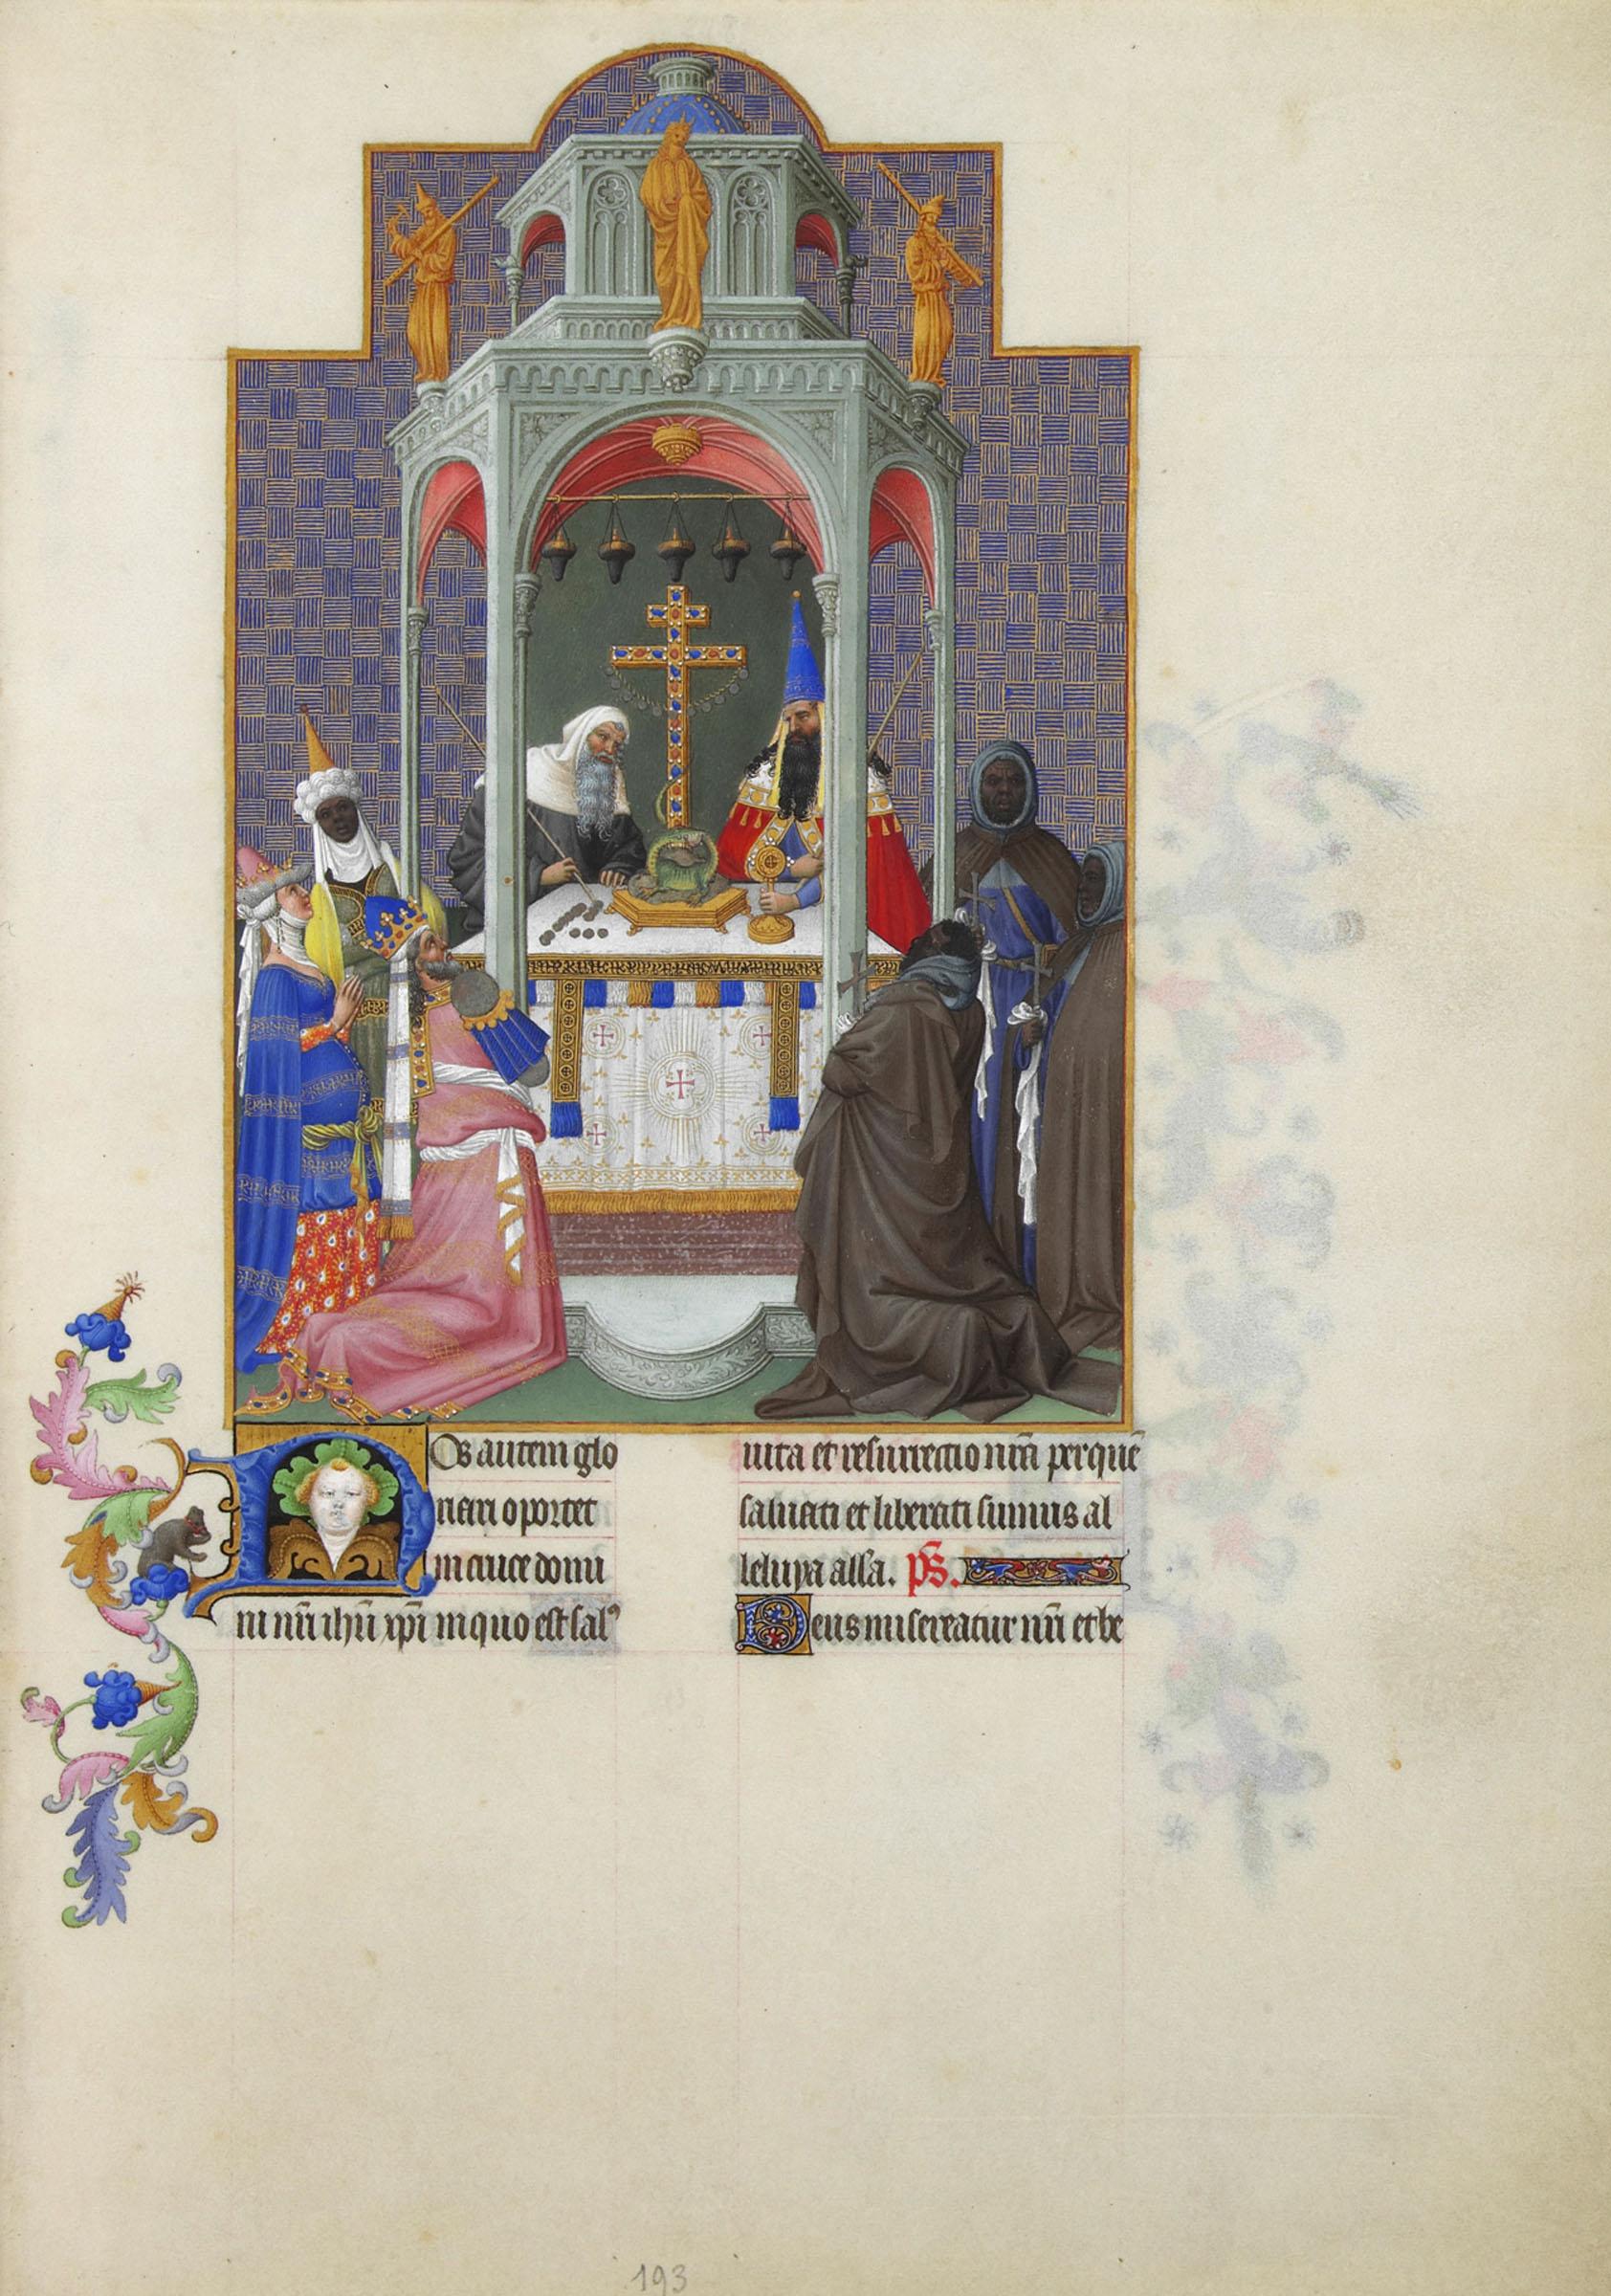 Historie Krzya świętego Na Portalu Kaplicy św Anny W Malborku